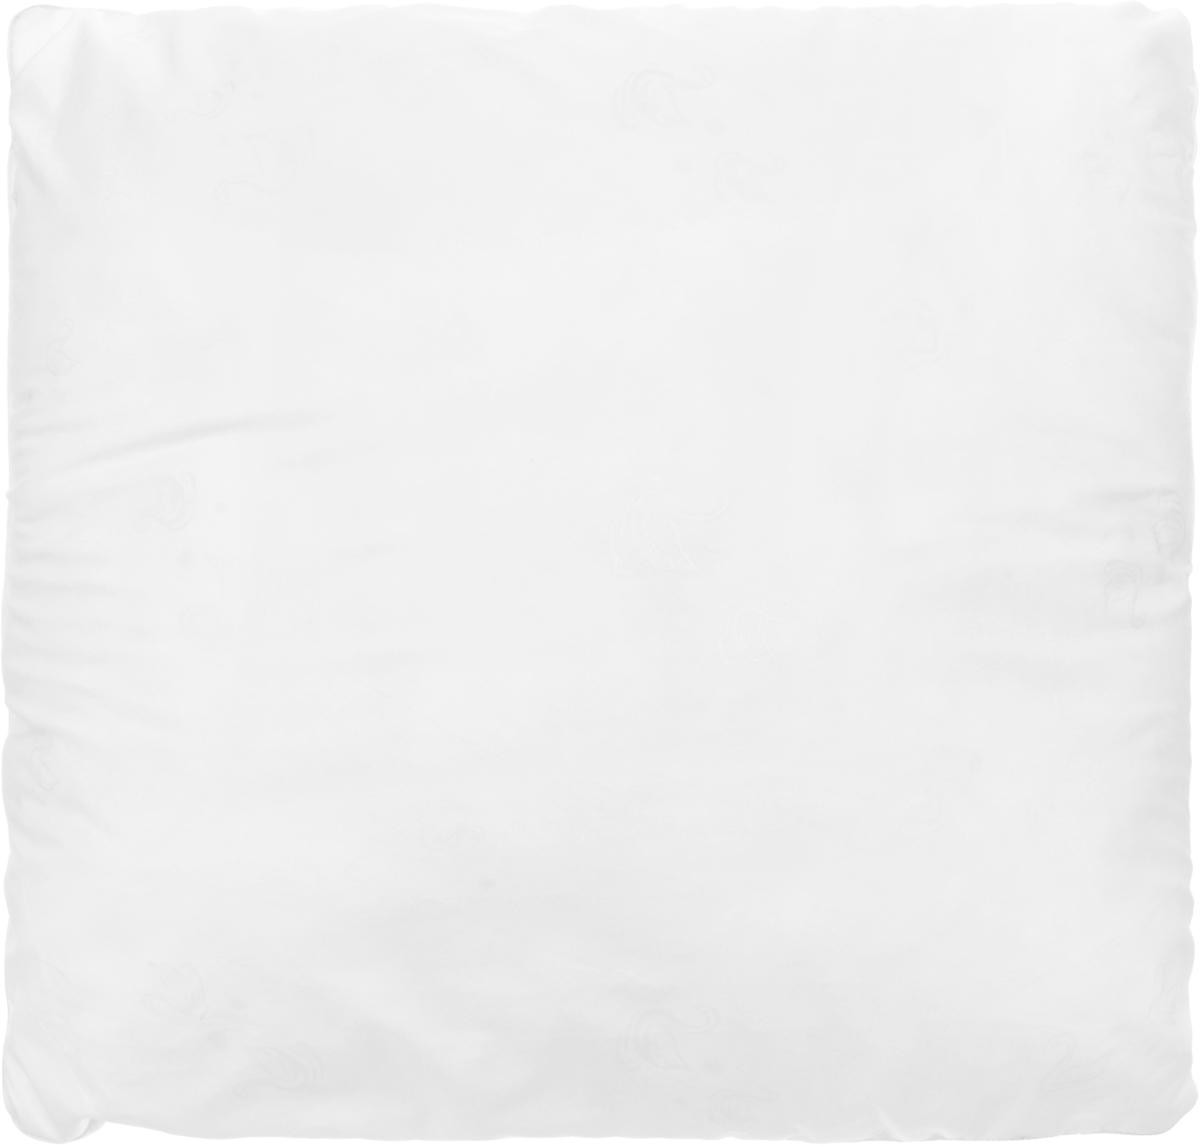 Подушка Ecotex Лебяжий пух - Комфорт, наполнитель: пух, полиэстер, 68 х 68 см17102027Подушка Ecotex Лебяжий пух - Комфорт - это удивительный комфорт и актуальный стиль. Чехол подушки выполнен из микрофибры (100% полиэстер). Наполнитель - микроволокно DownFill (Лебяжий пух, полиэстер). Подушка имеет классическую квадратную форму и изысканный внешний вид. Важные потребительские свойства подушки Ecotex Лебяжий пух - Комфорт:- дарит тепло, позволяя телу дышать;- мягкость;- эластичность;- легкость;- гипоаллергенность;- легко стирается, быстро сохнет; - сохраняя свои первоначальные свойства и форму;- эффект кожи персика.Оптимальный микроклимат во время сна, бодрость и свежесть каждого утра - это комфорт, которого вы заслуживаете!